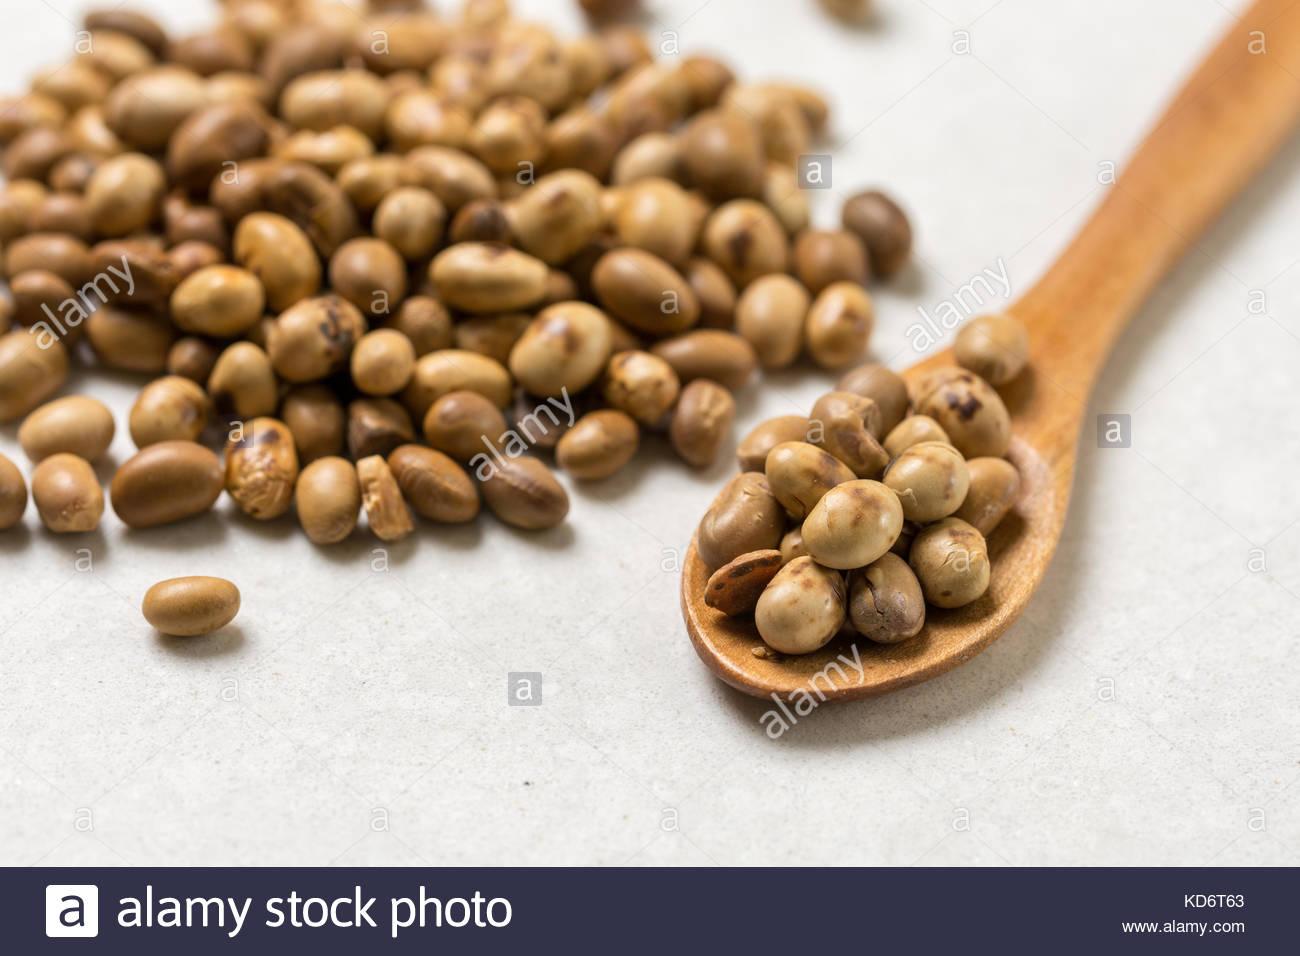 Tas de fèves de soja avec cuillère en bois sur la table en arrière-plan en marbre blanc. Photo Stock